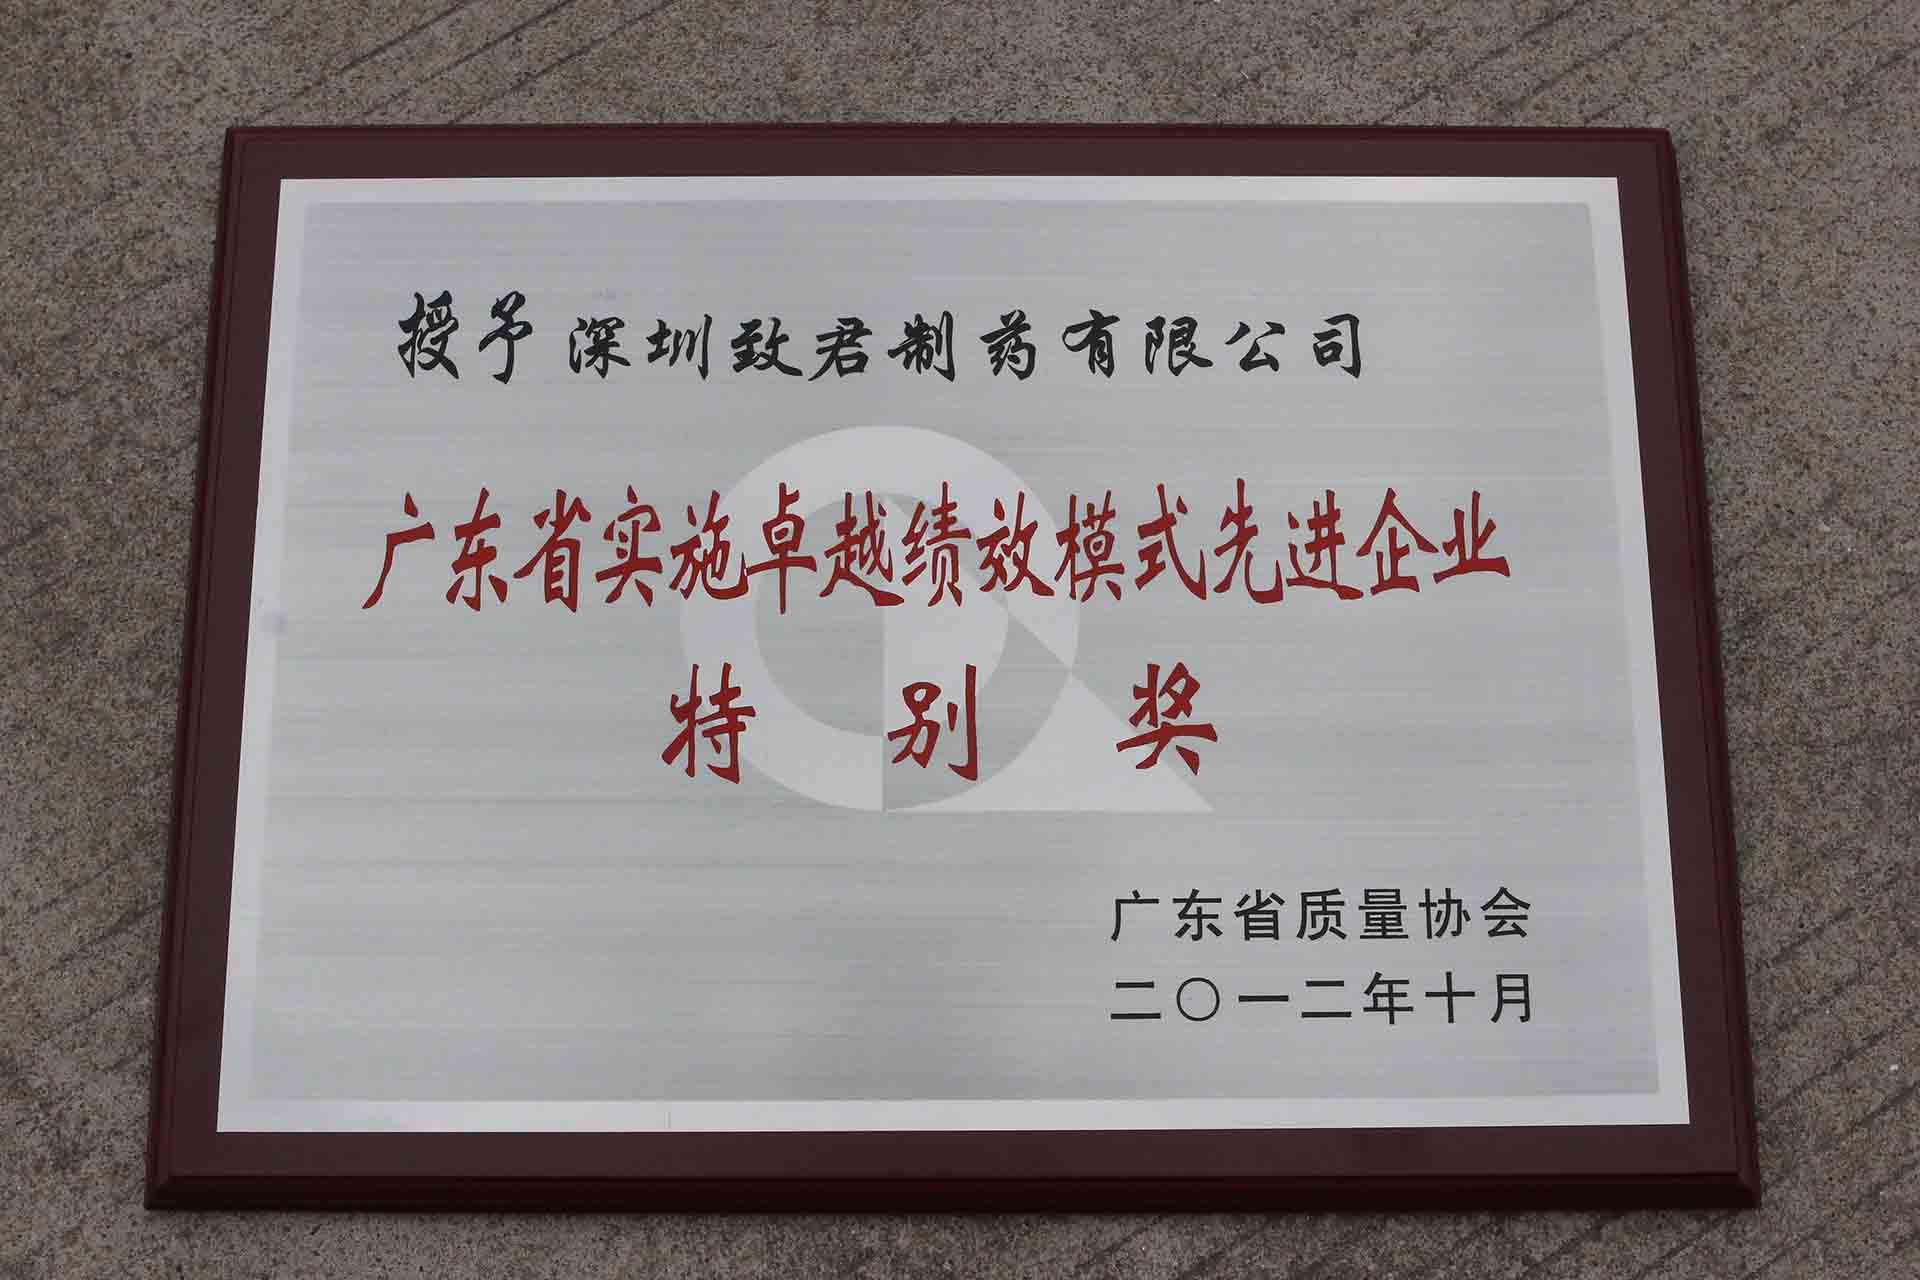 广东省实施卓越绩效模式先进企业特别奖